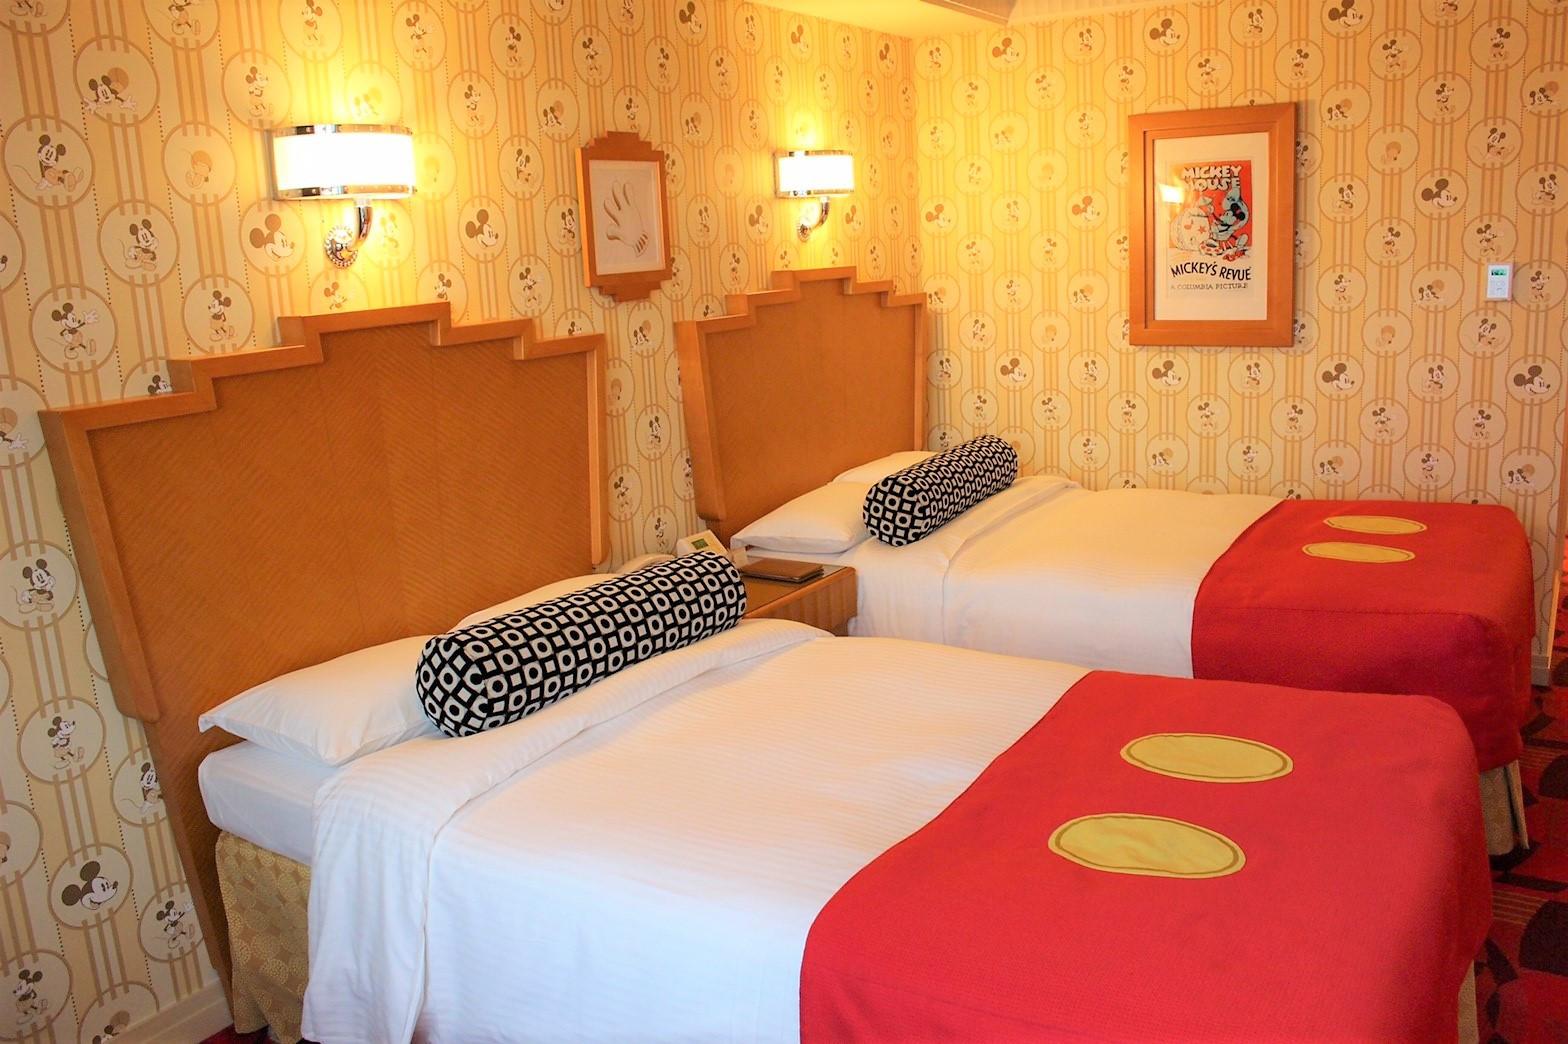 ミッキーマウスルーム(アンバサダーホテル)のベッド